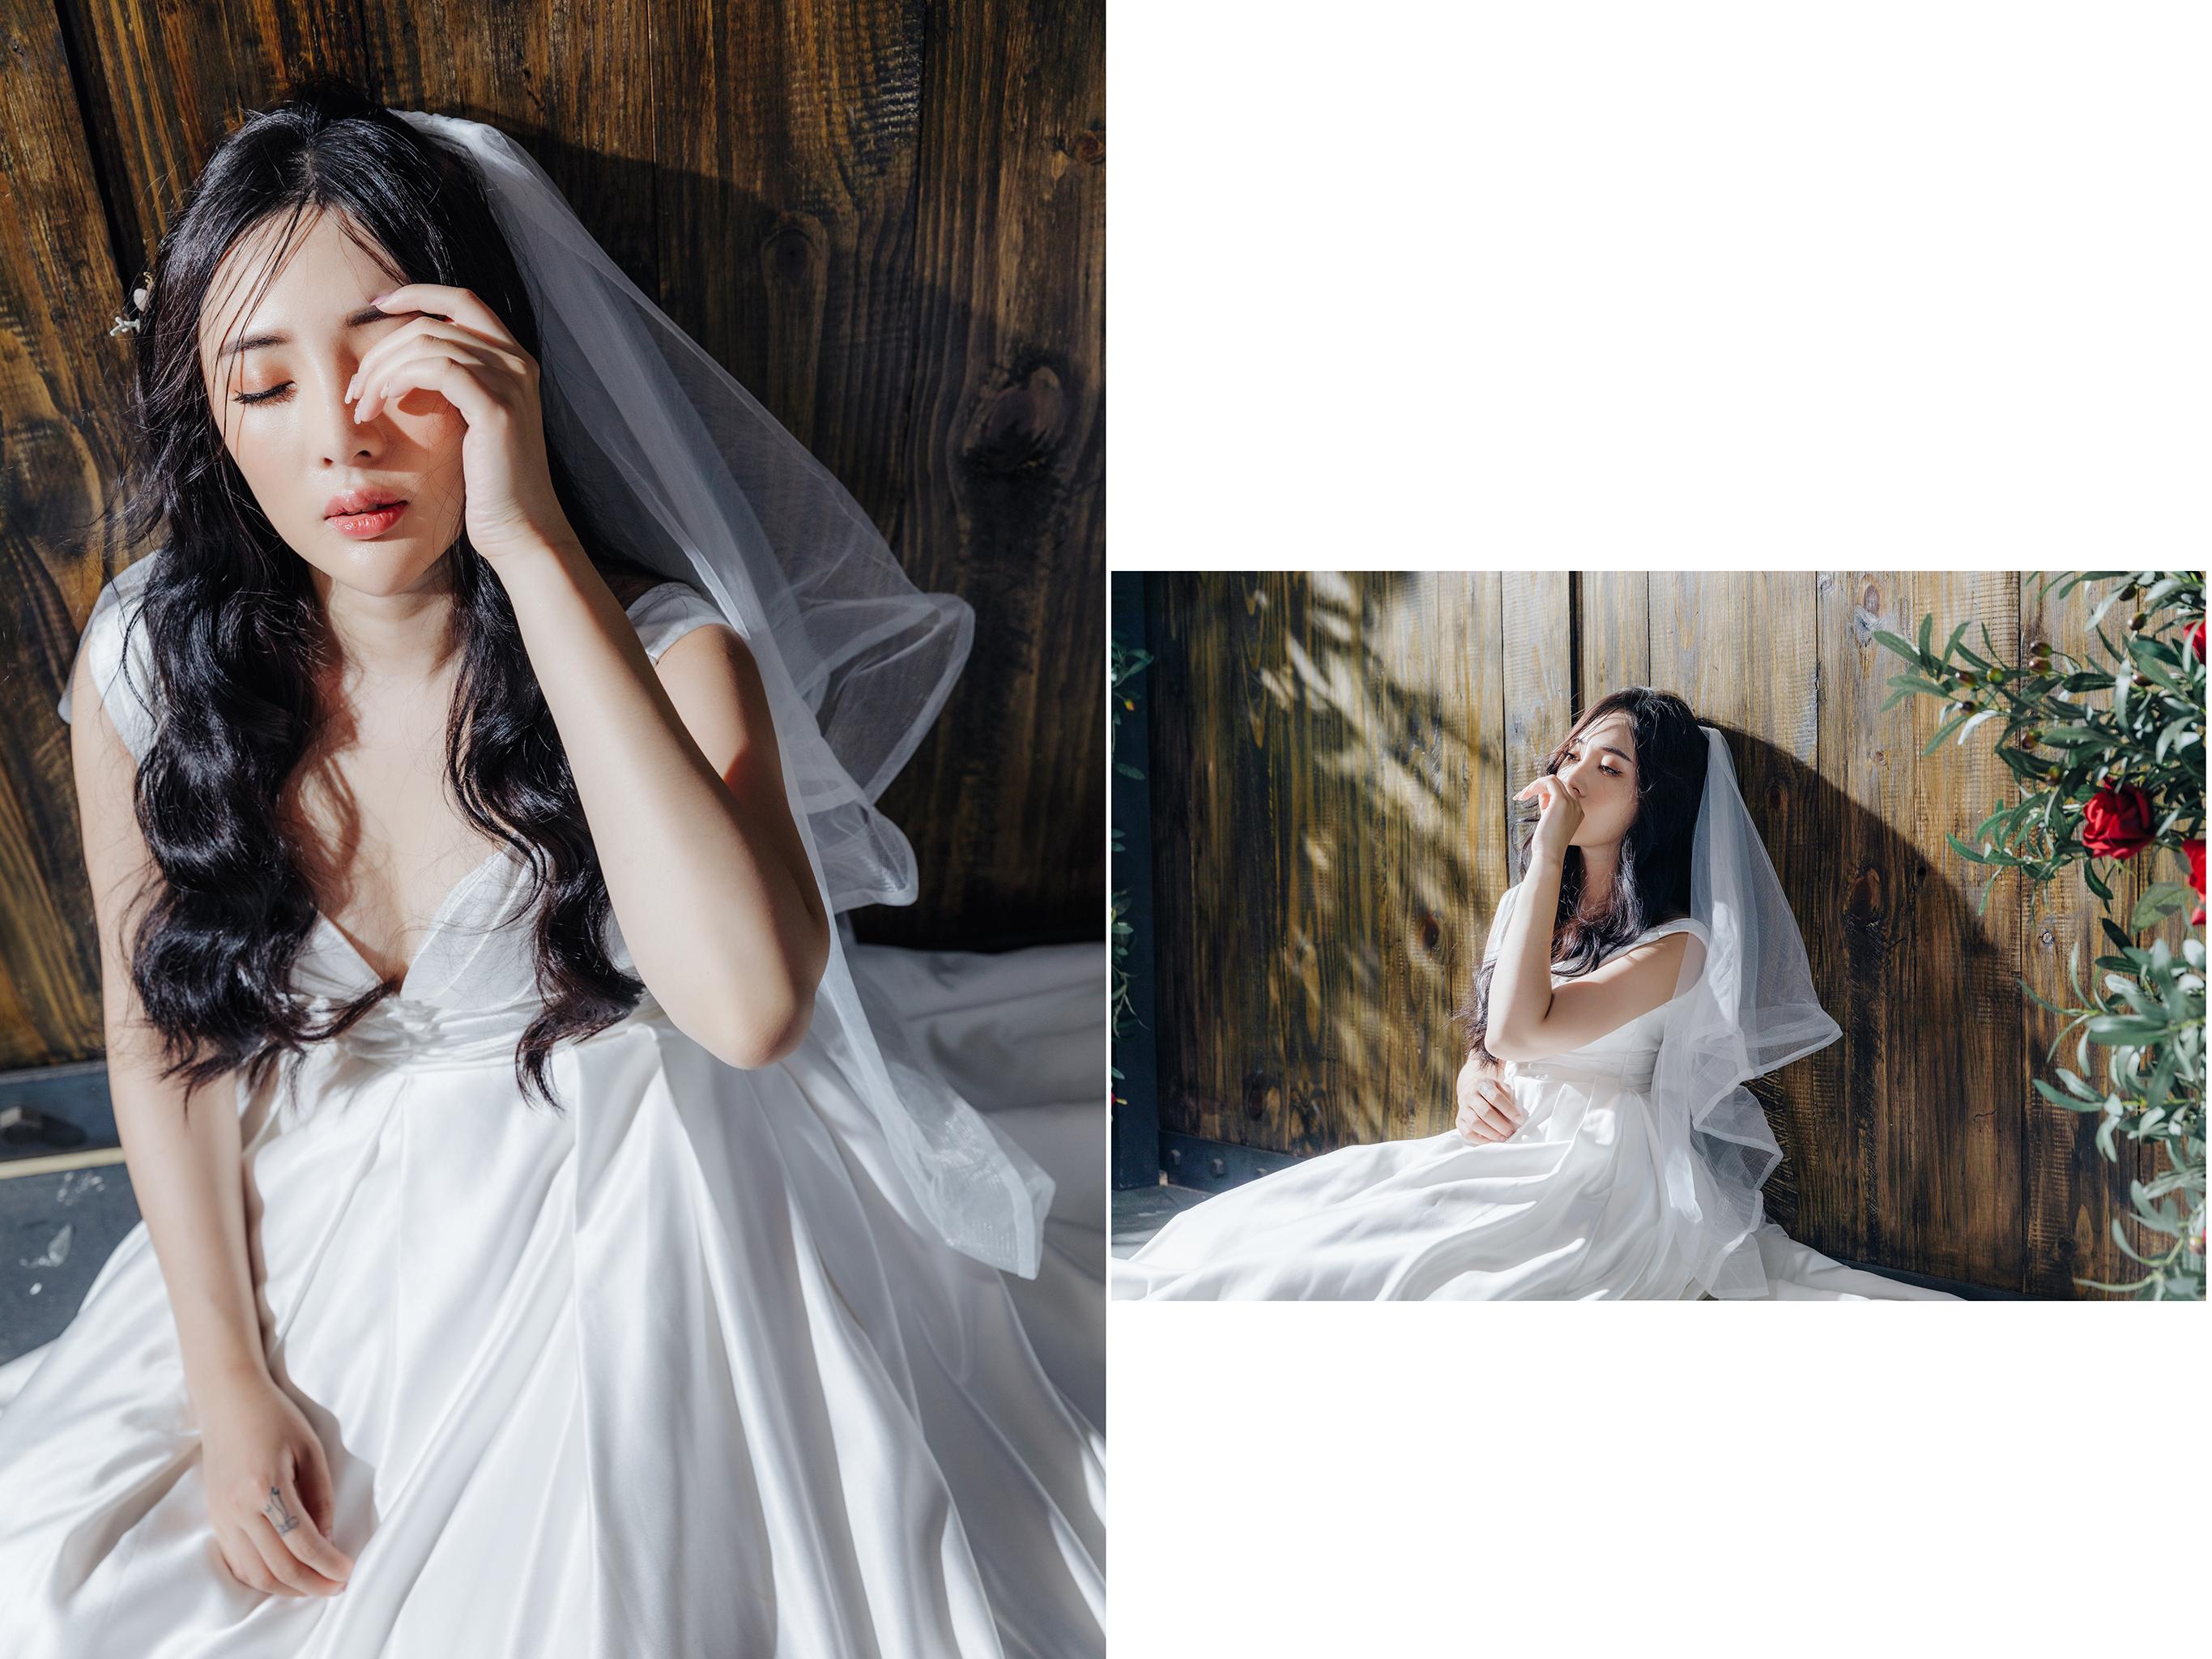 48098735457 144e4f1bbc o - 【自主婚紗】+Ching+